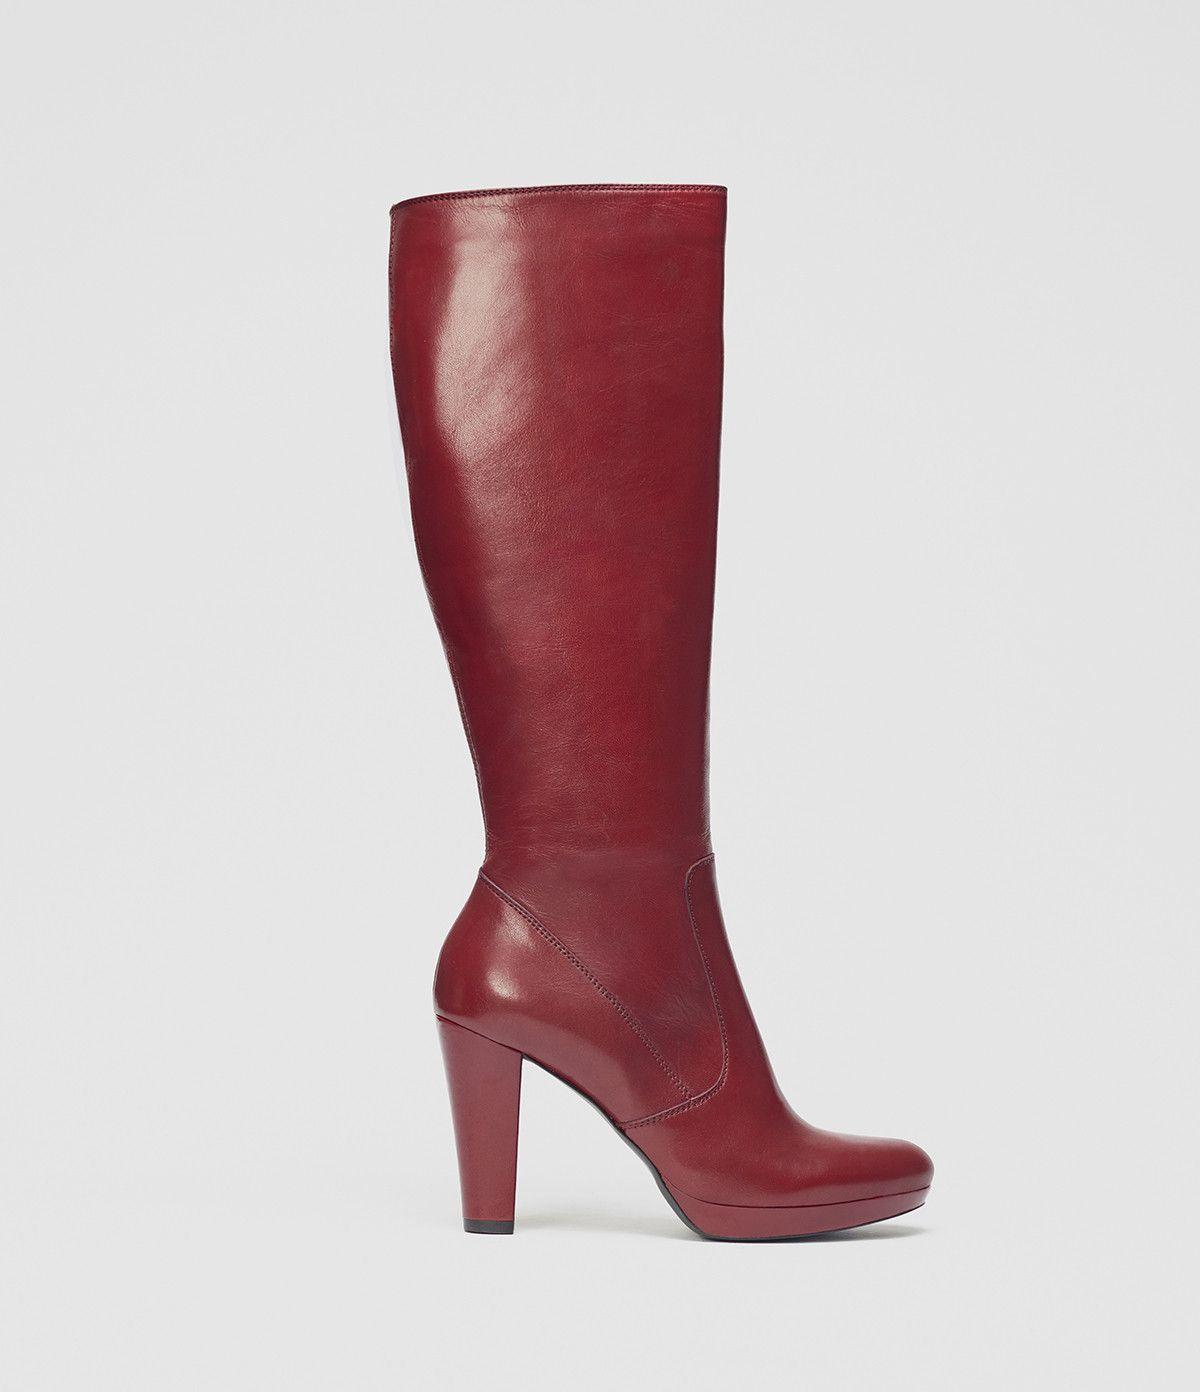 Bequemer Langschaftstiefel mit Plateau  poilei  boots  red  shoes Magassarkú d07815ac77